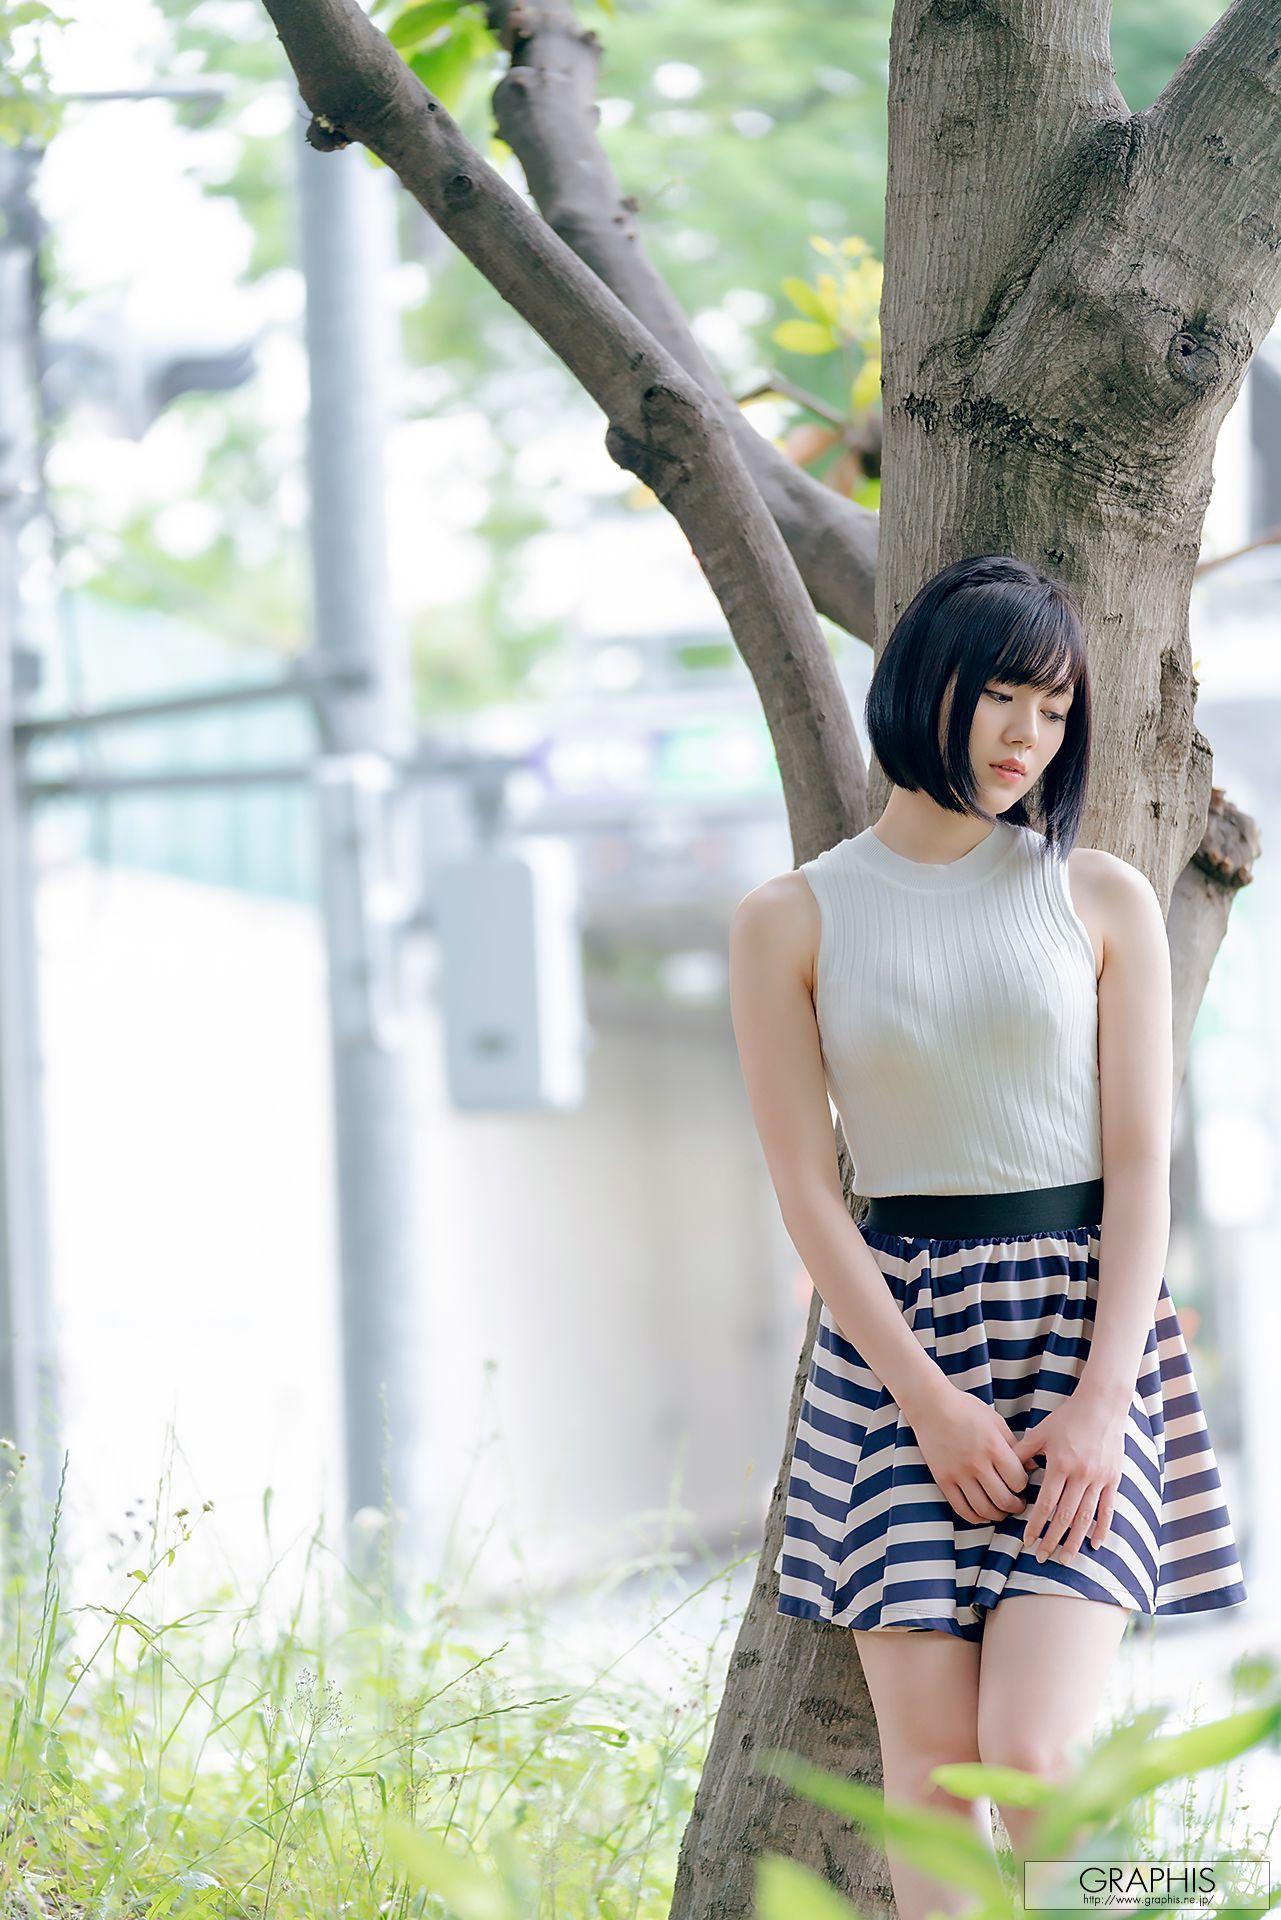 高颜值短发美女-凉森玲梦(涼森れむ Remu Suzumori) 妹子图